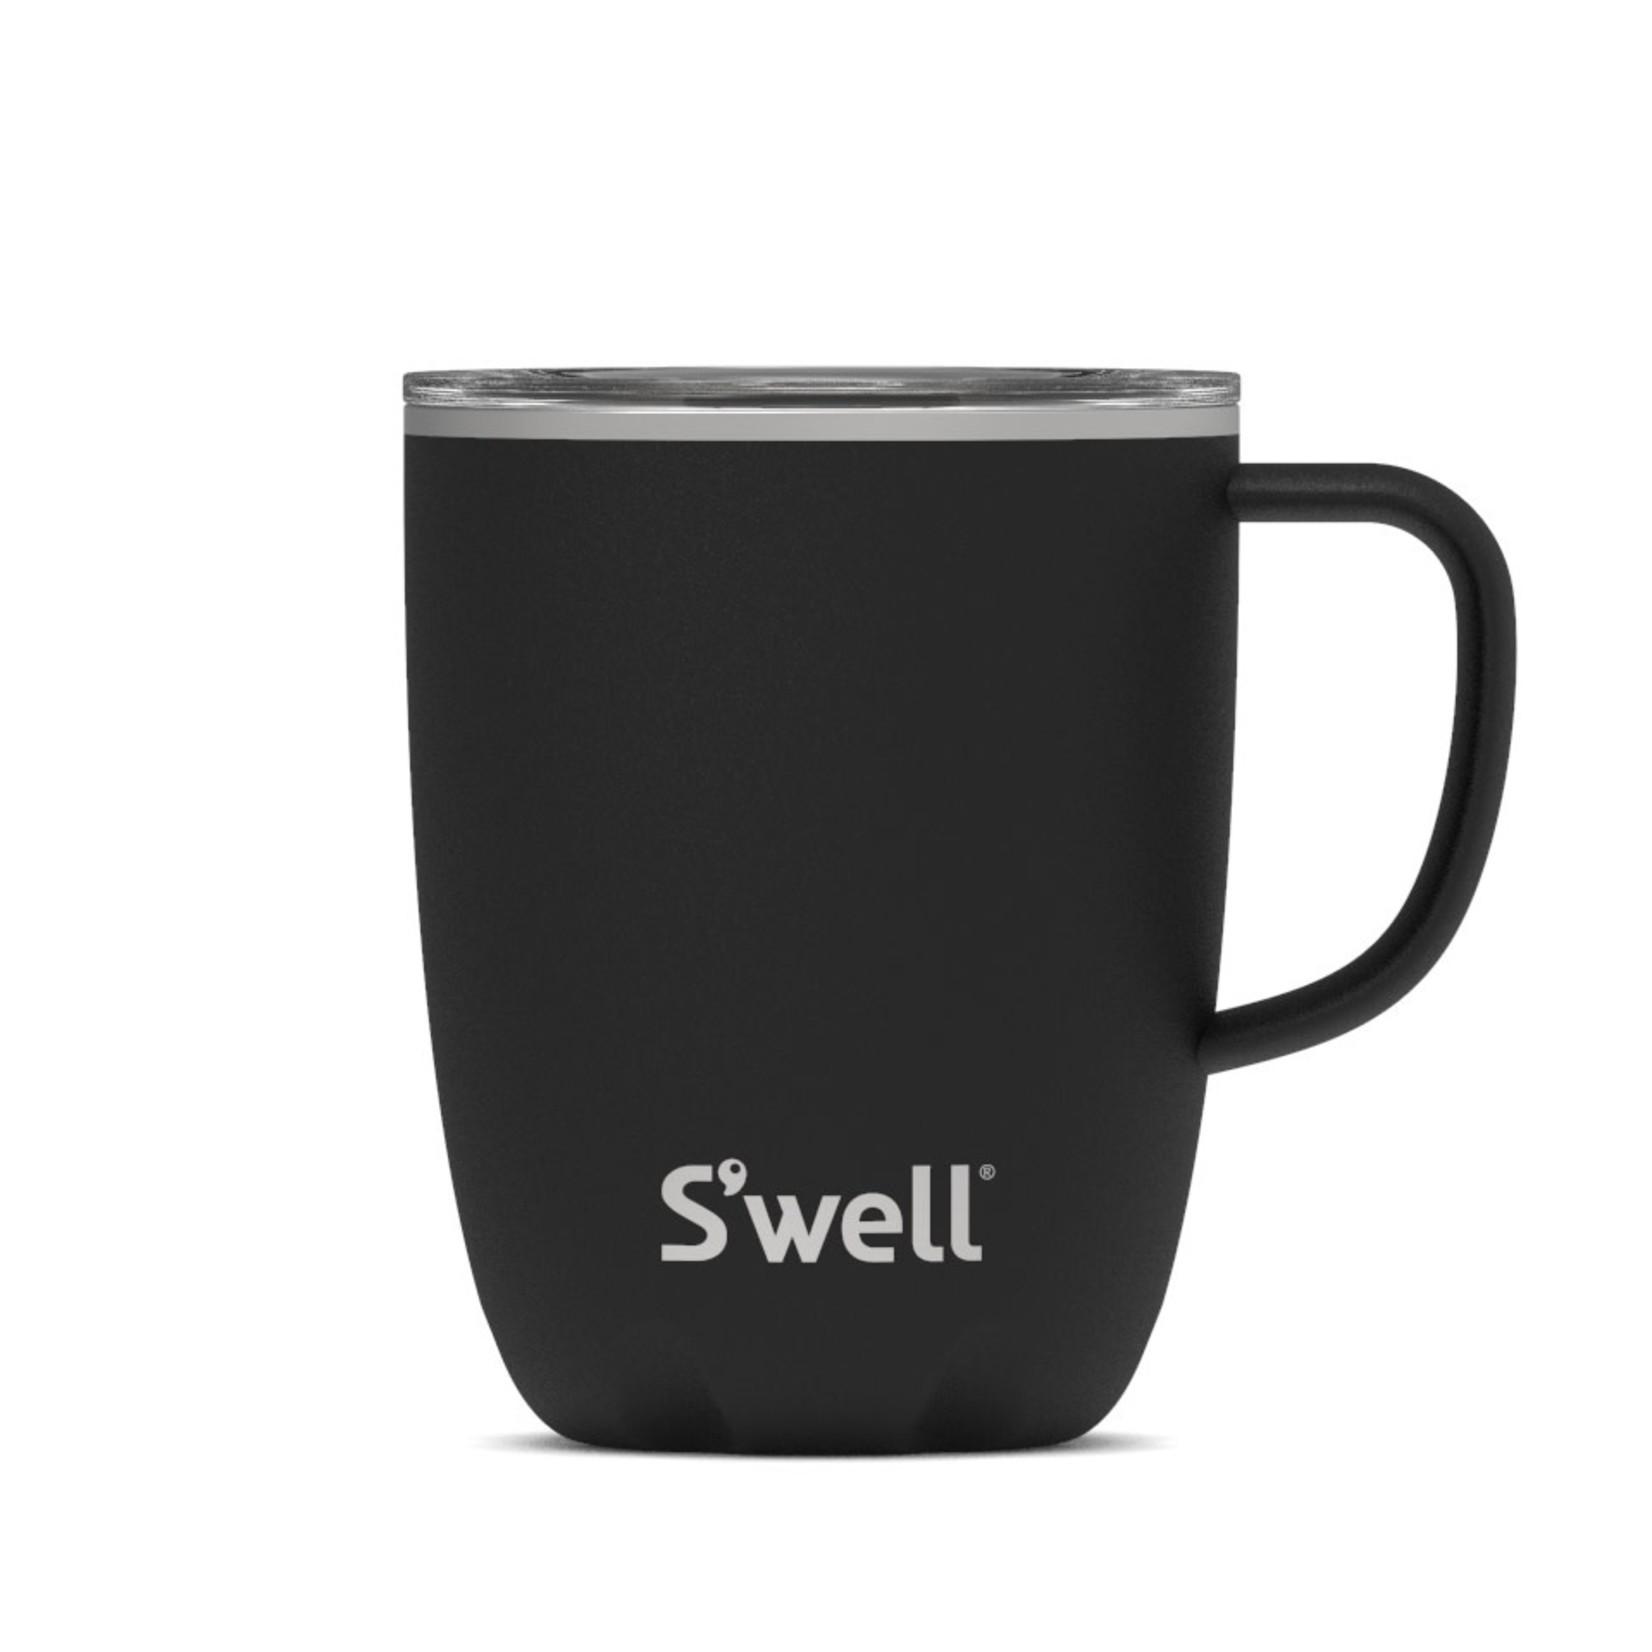 S'well S'well Bottle 12oz Tumbler Mug with Handle/Lid Onyx